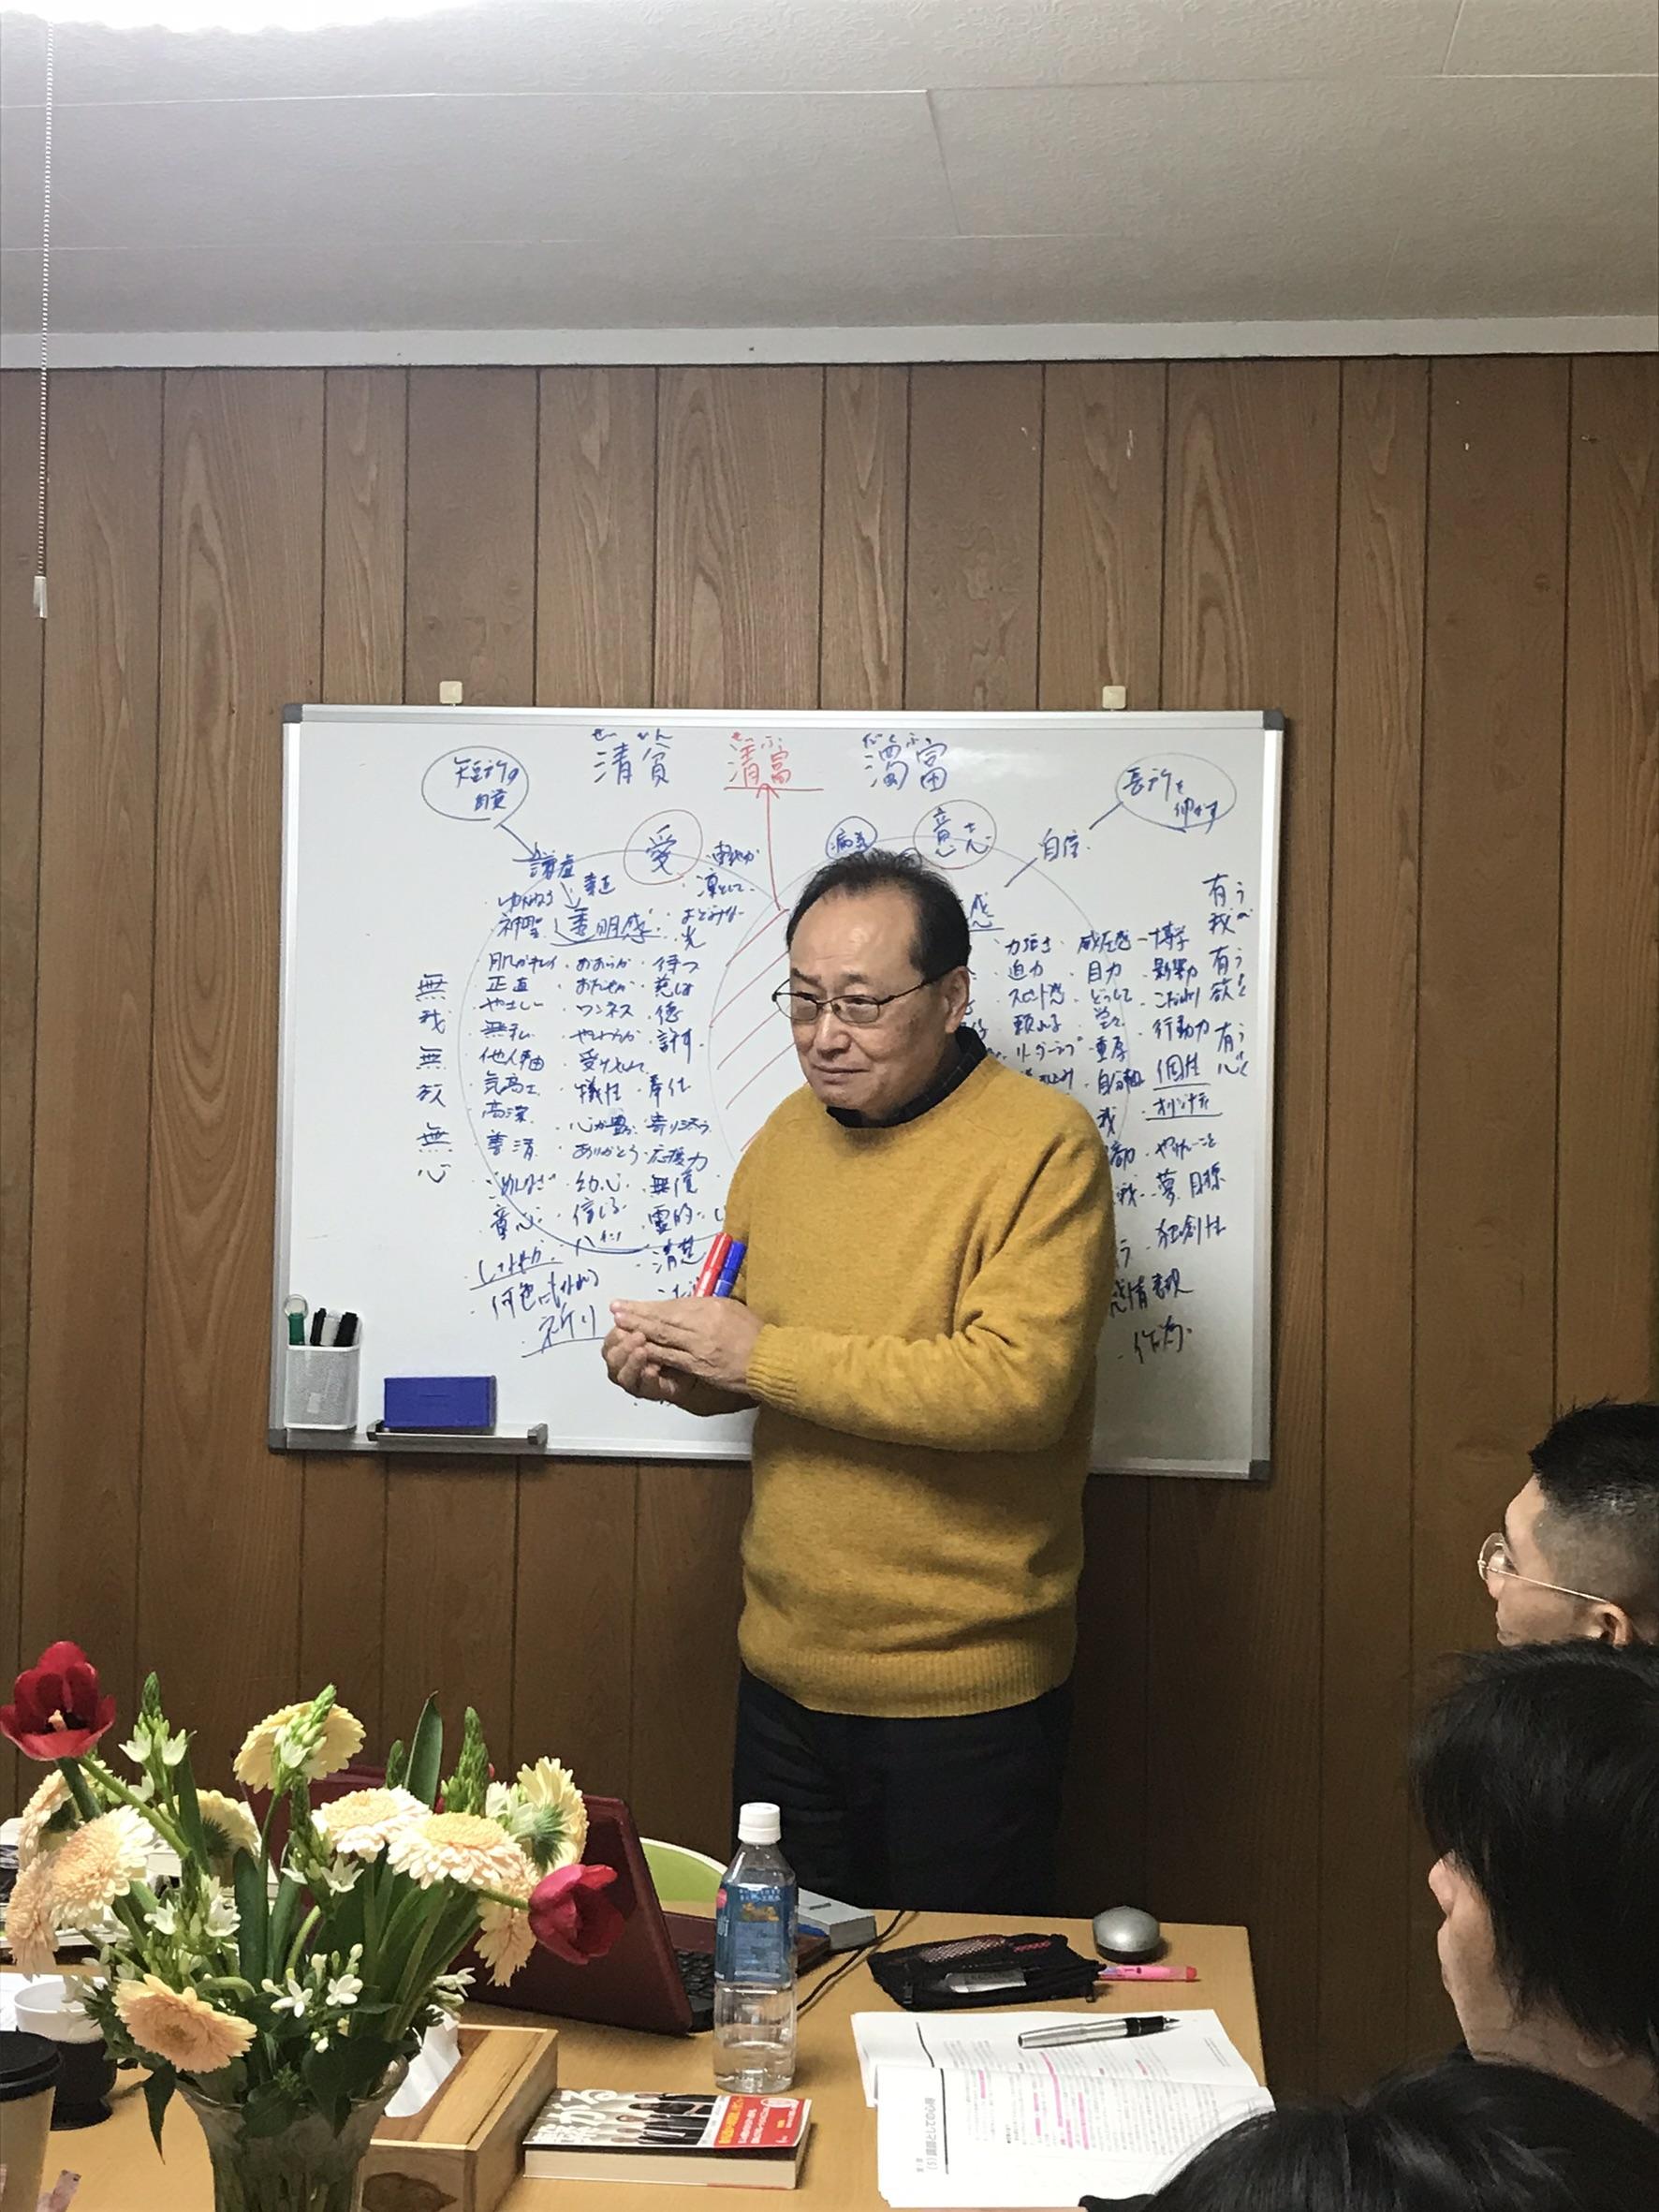 S  19570696 - 2020年1月11日胎内記憶教育協会講師養成講座の第6期、第1第2講座開催